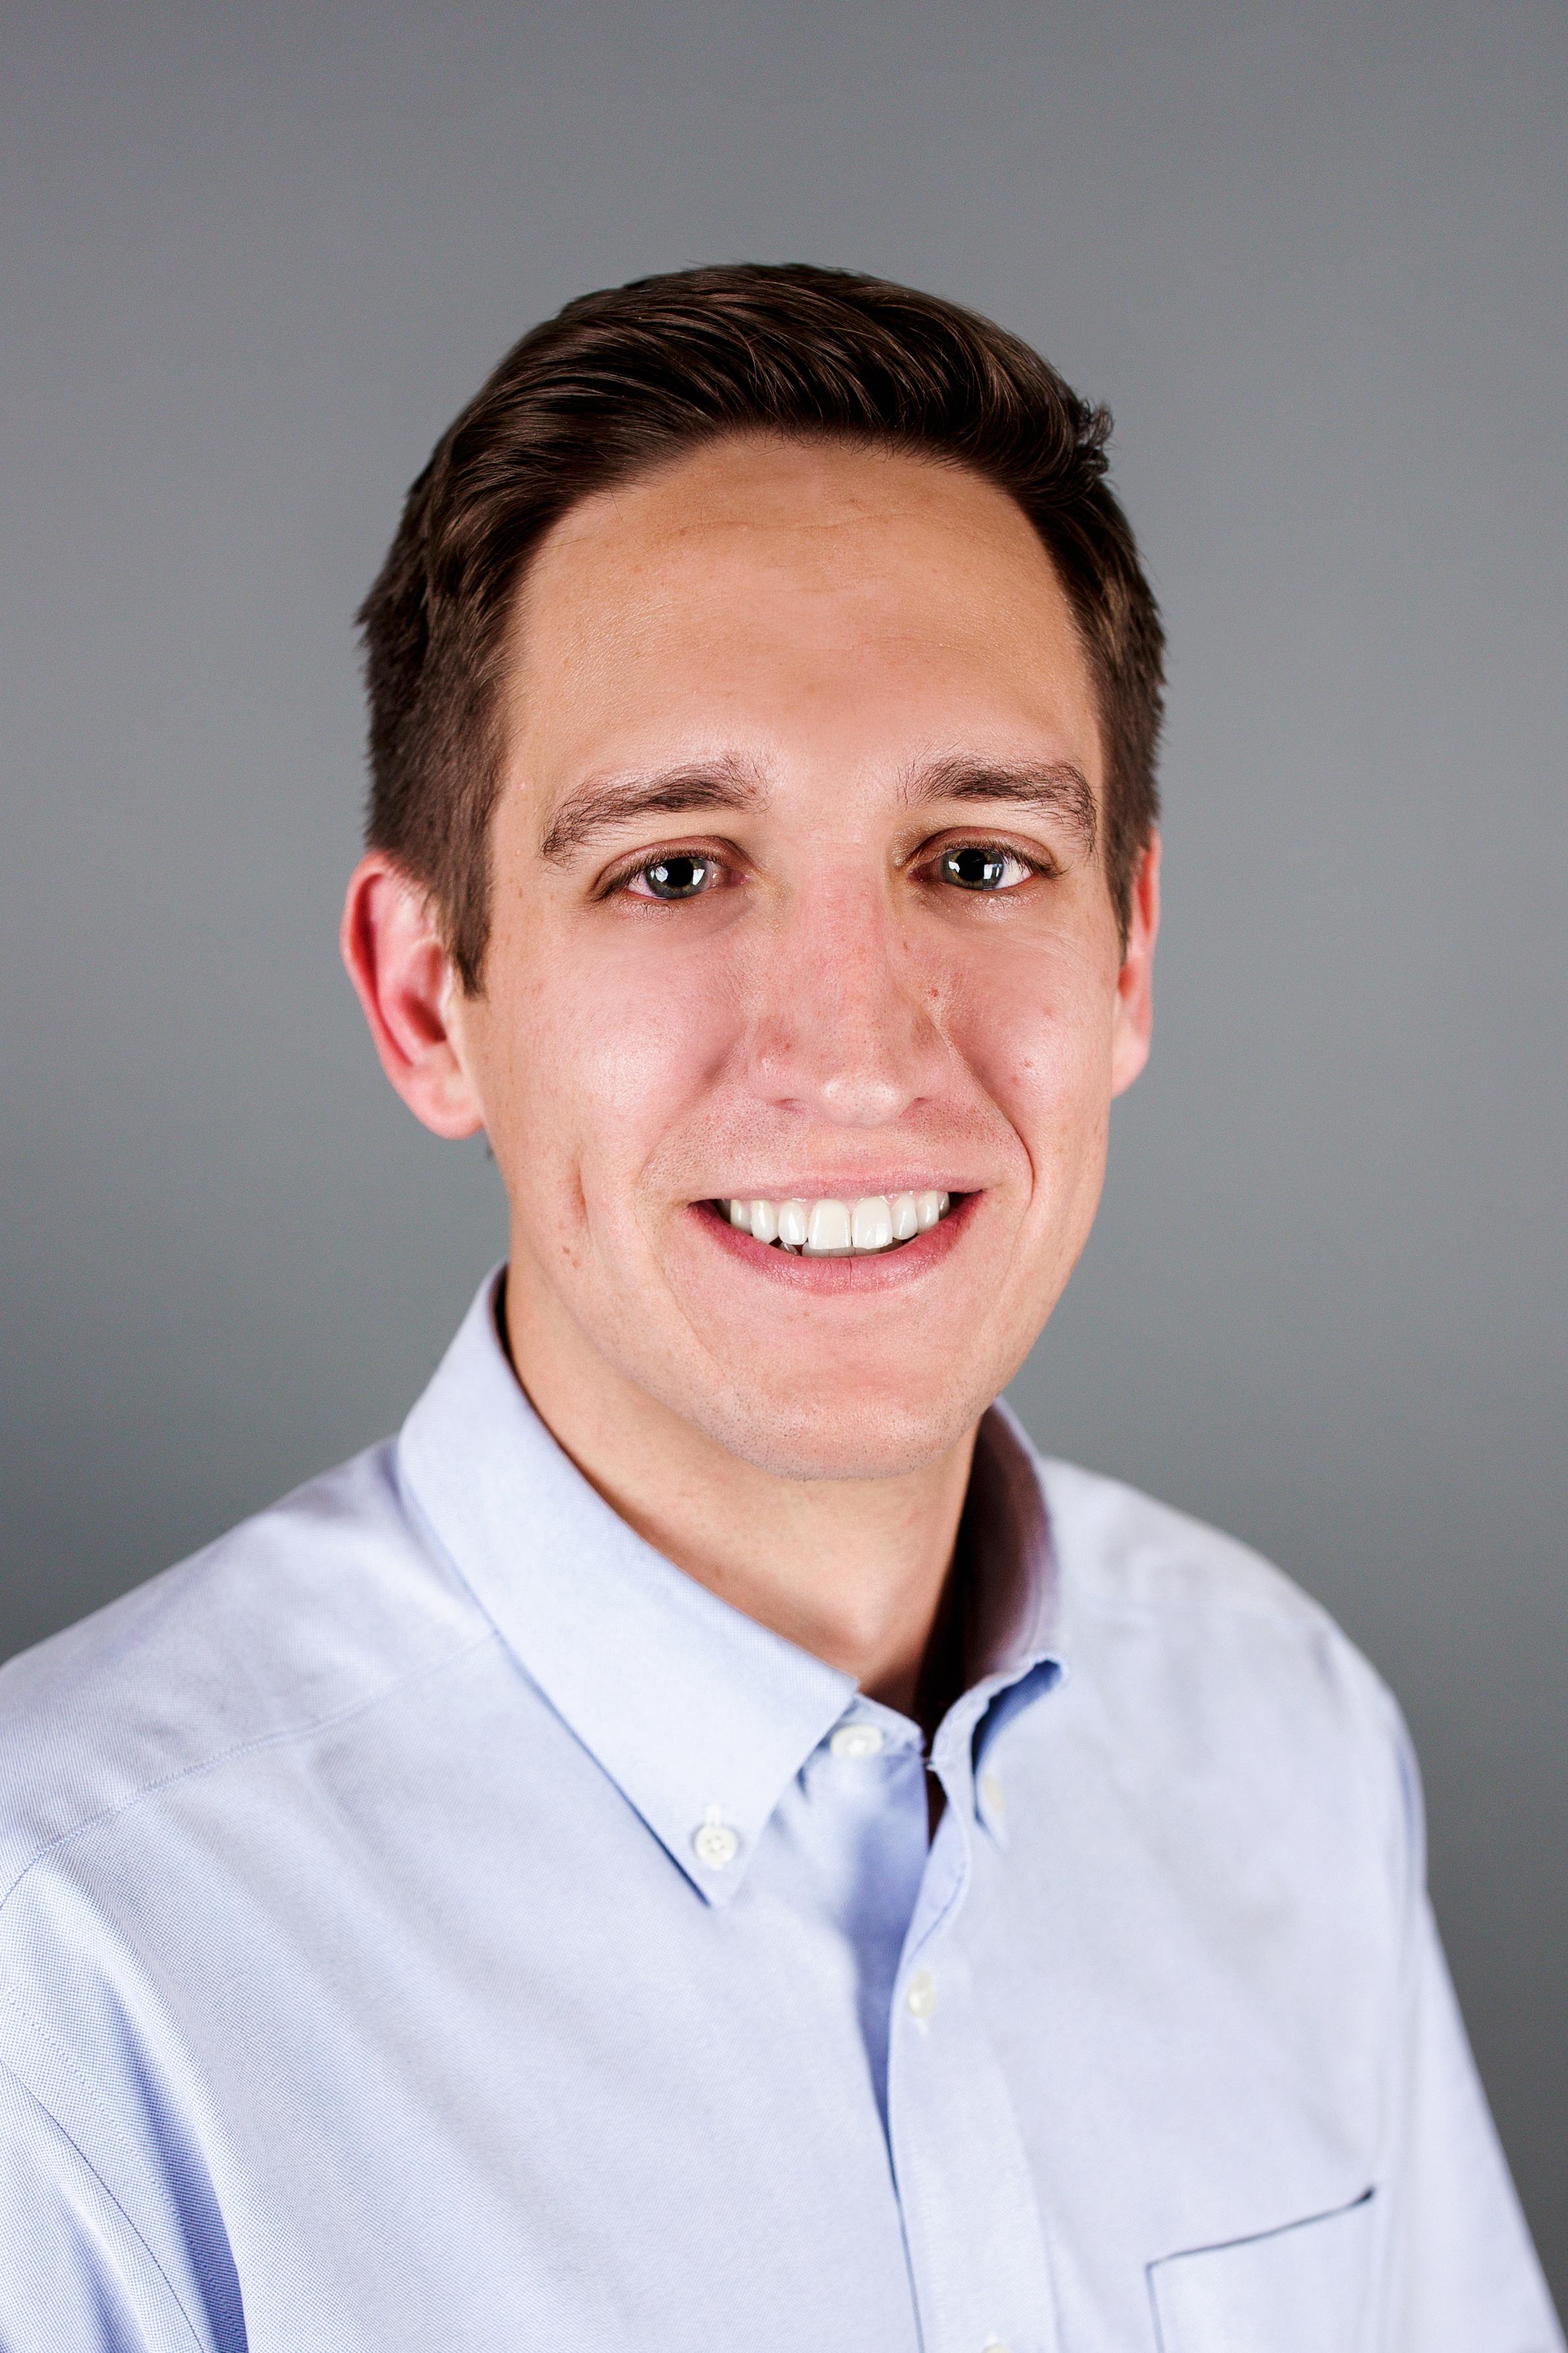 Brady McMillan